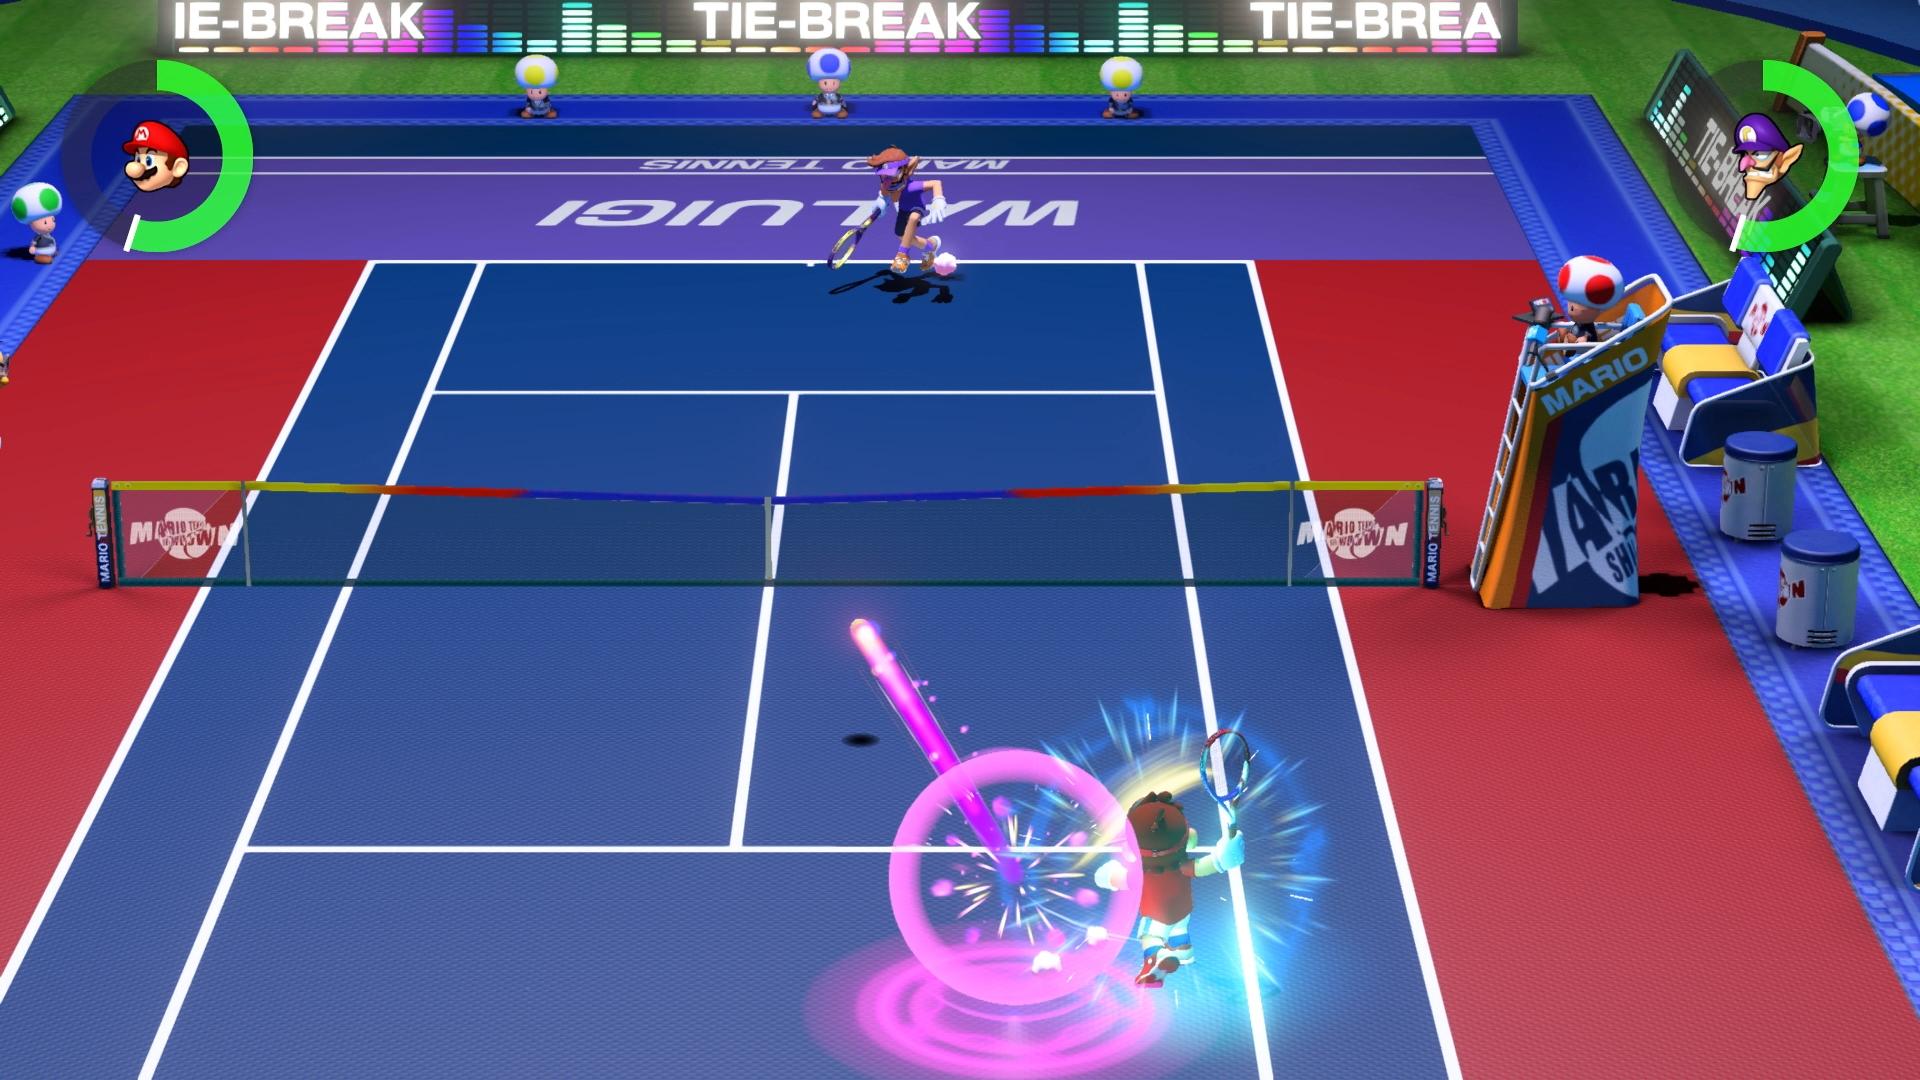 Mario-Tennis-Aces-Screen-3.jpg